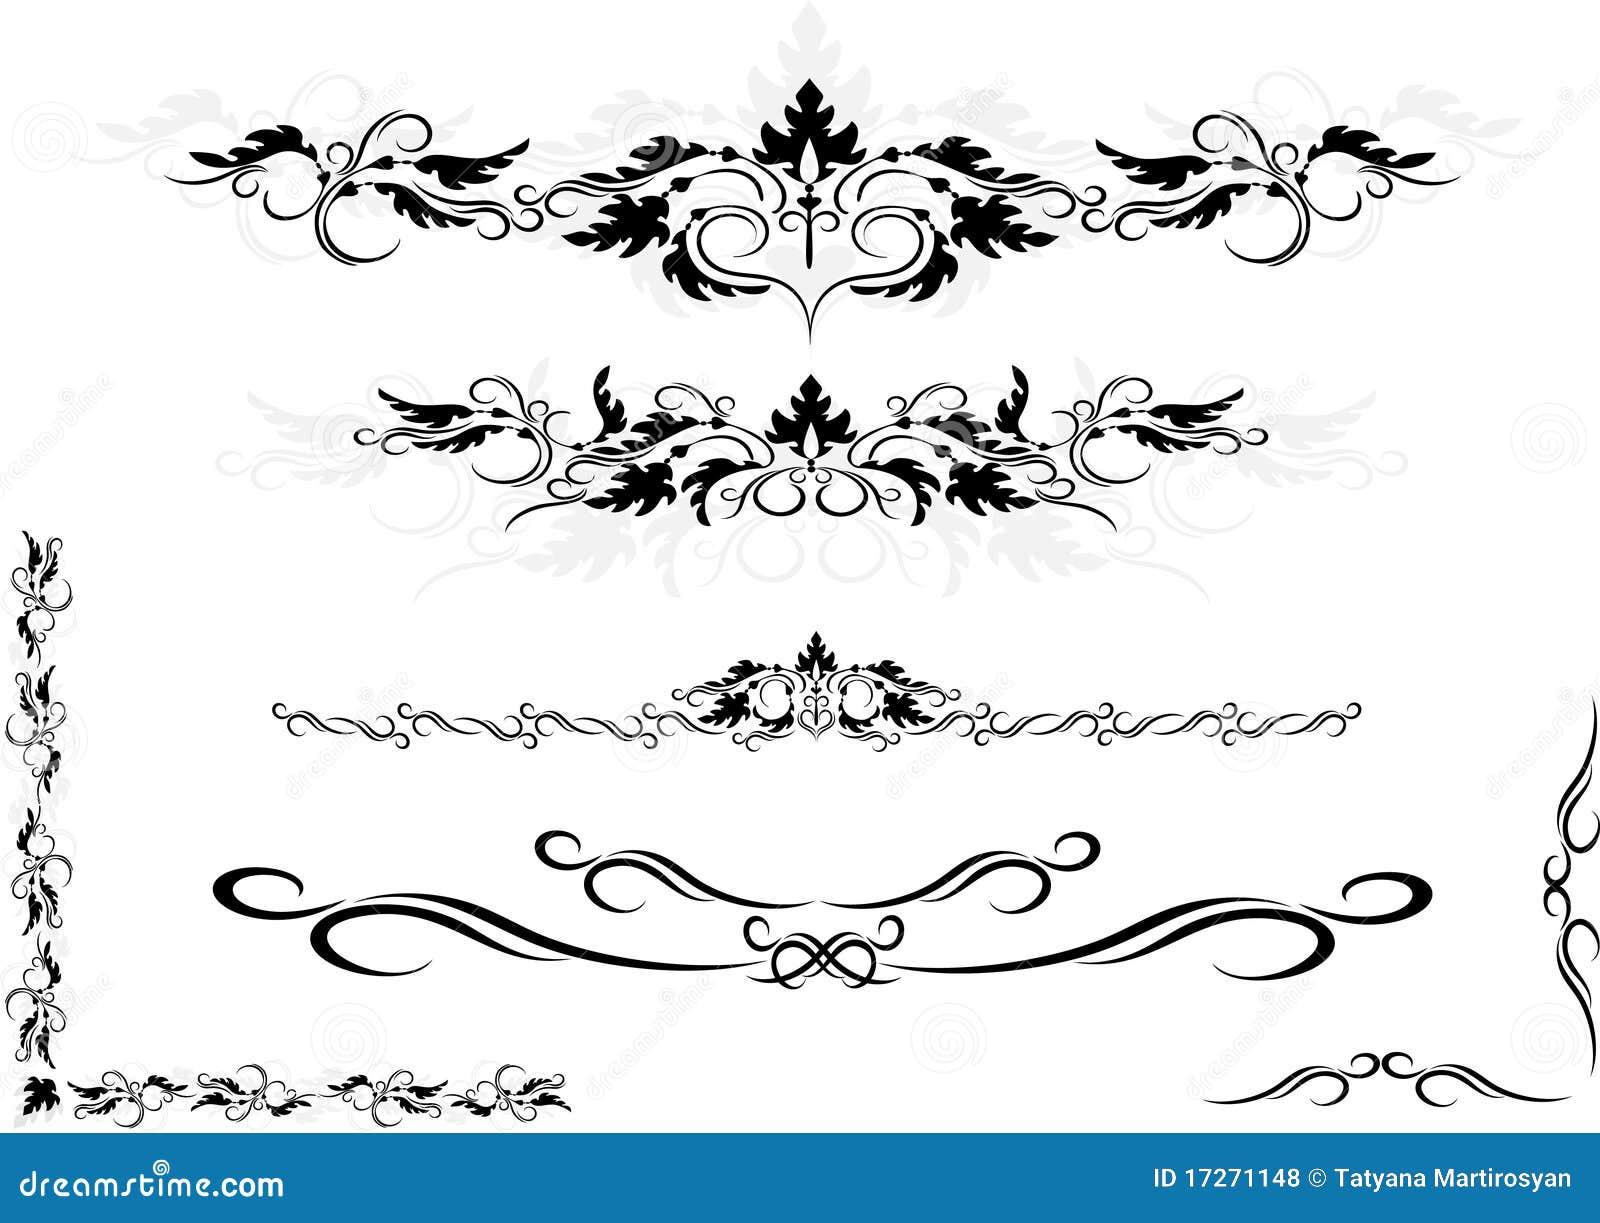 Imagem Vetorial Gratis Mapa Pinos Illustrator Titular: Frame Decorativo Do Ornamento, Canto. Artes Gráficas